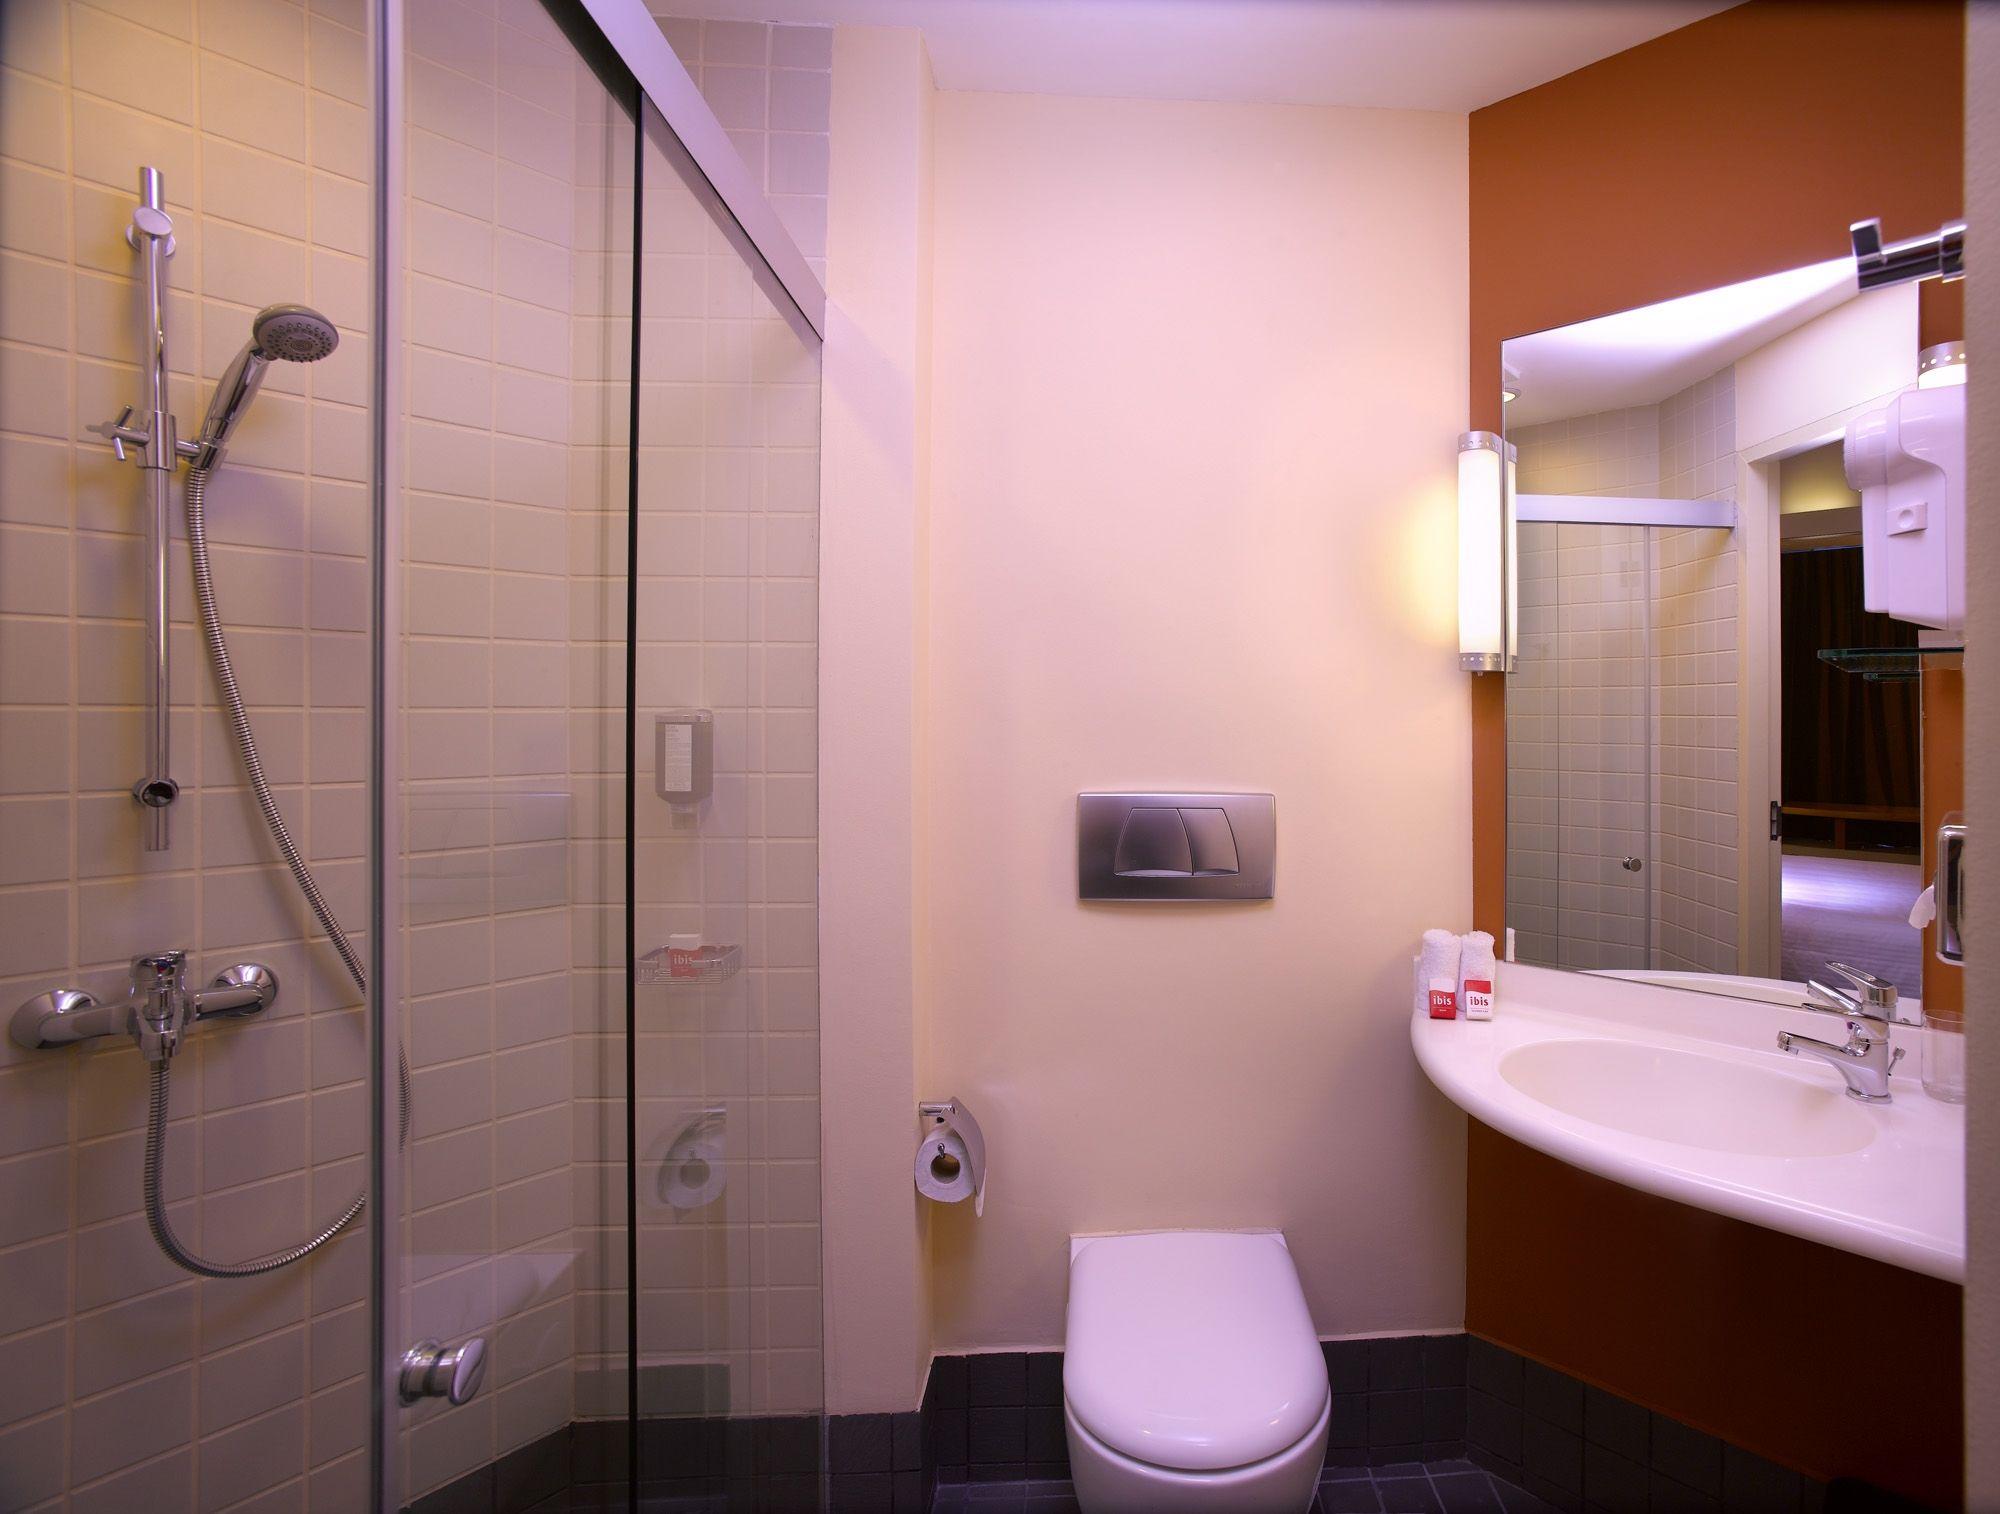 16+ Ibis salle de bain ideas